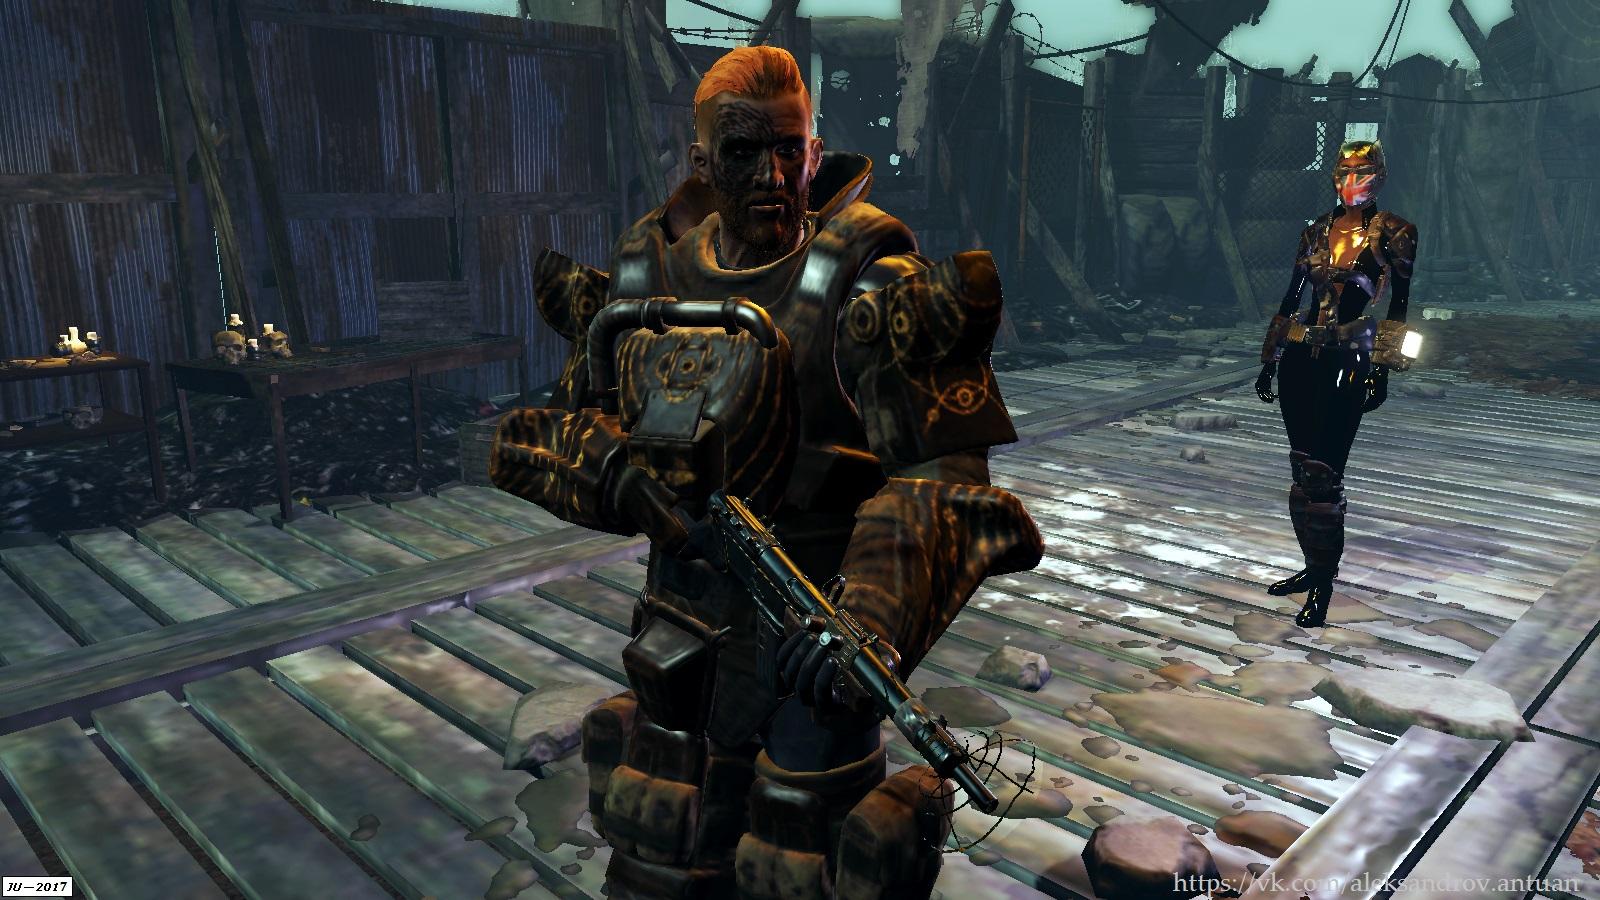 Новое применение брони морской пехоты ... - Fallout 4 броня морской пехоты, Дети Атома, Остров, радиевый карабин, Ядро